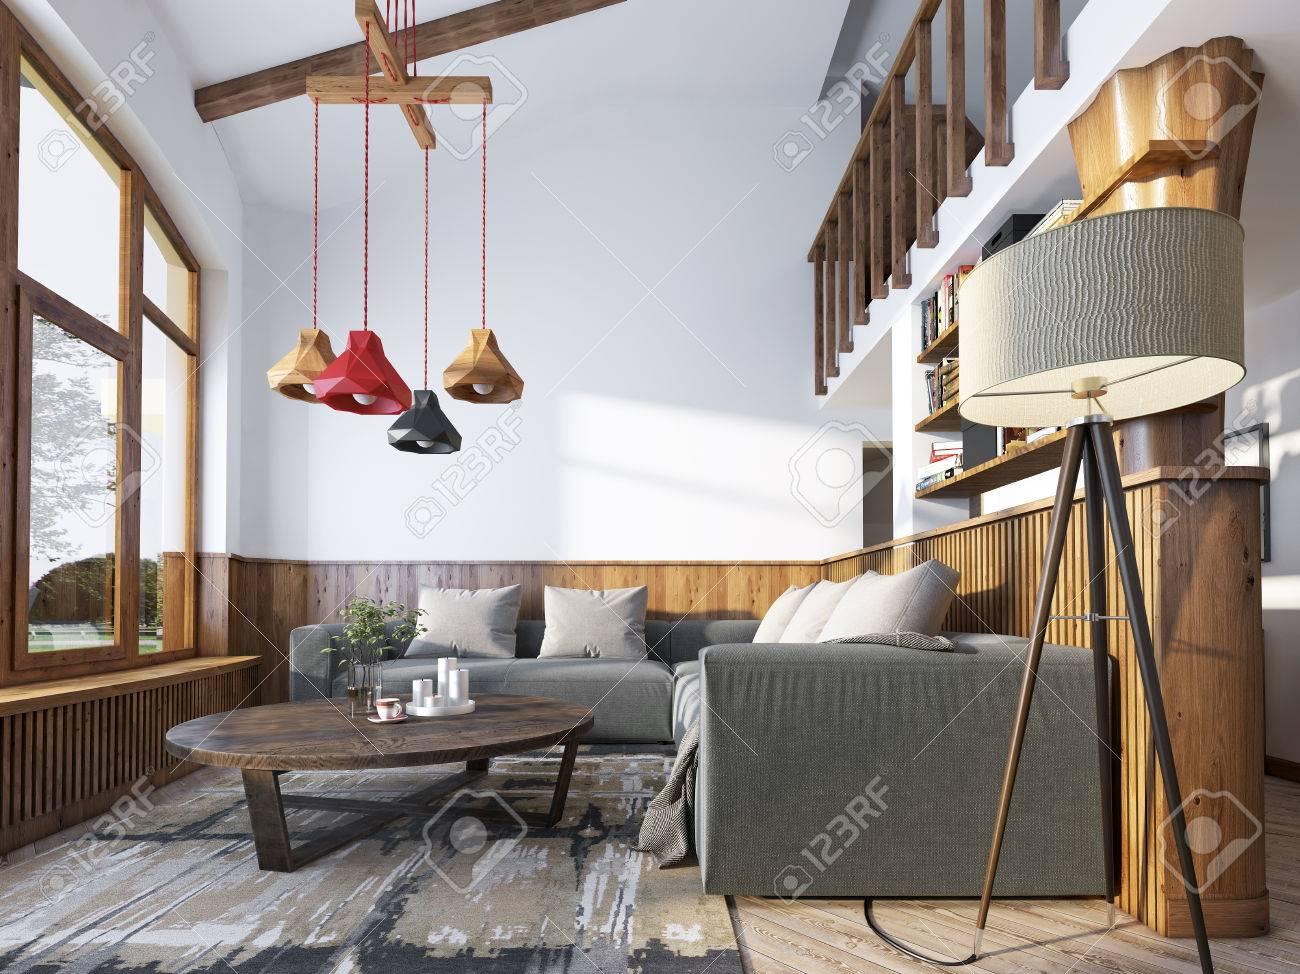 Immagini Stock - Moderno Salotto In Stile Loft. Soggiorno Con Divano ...